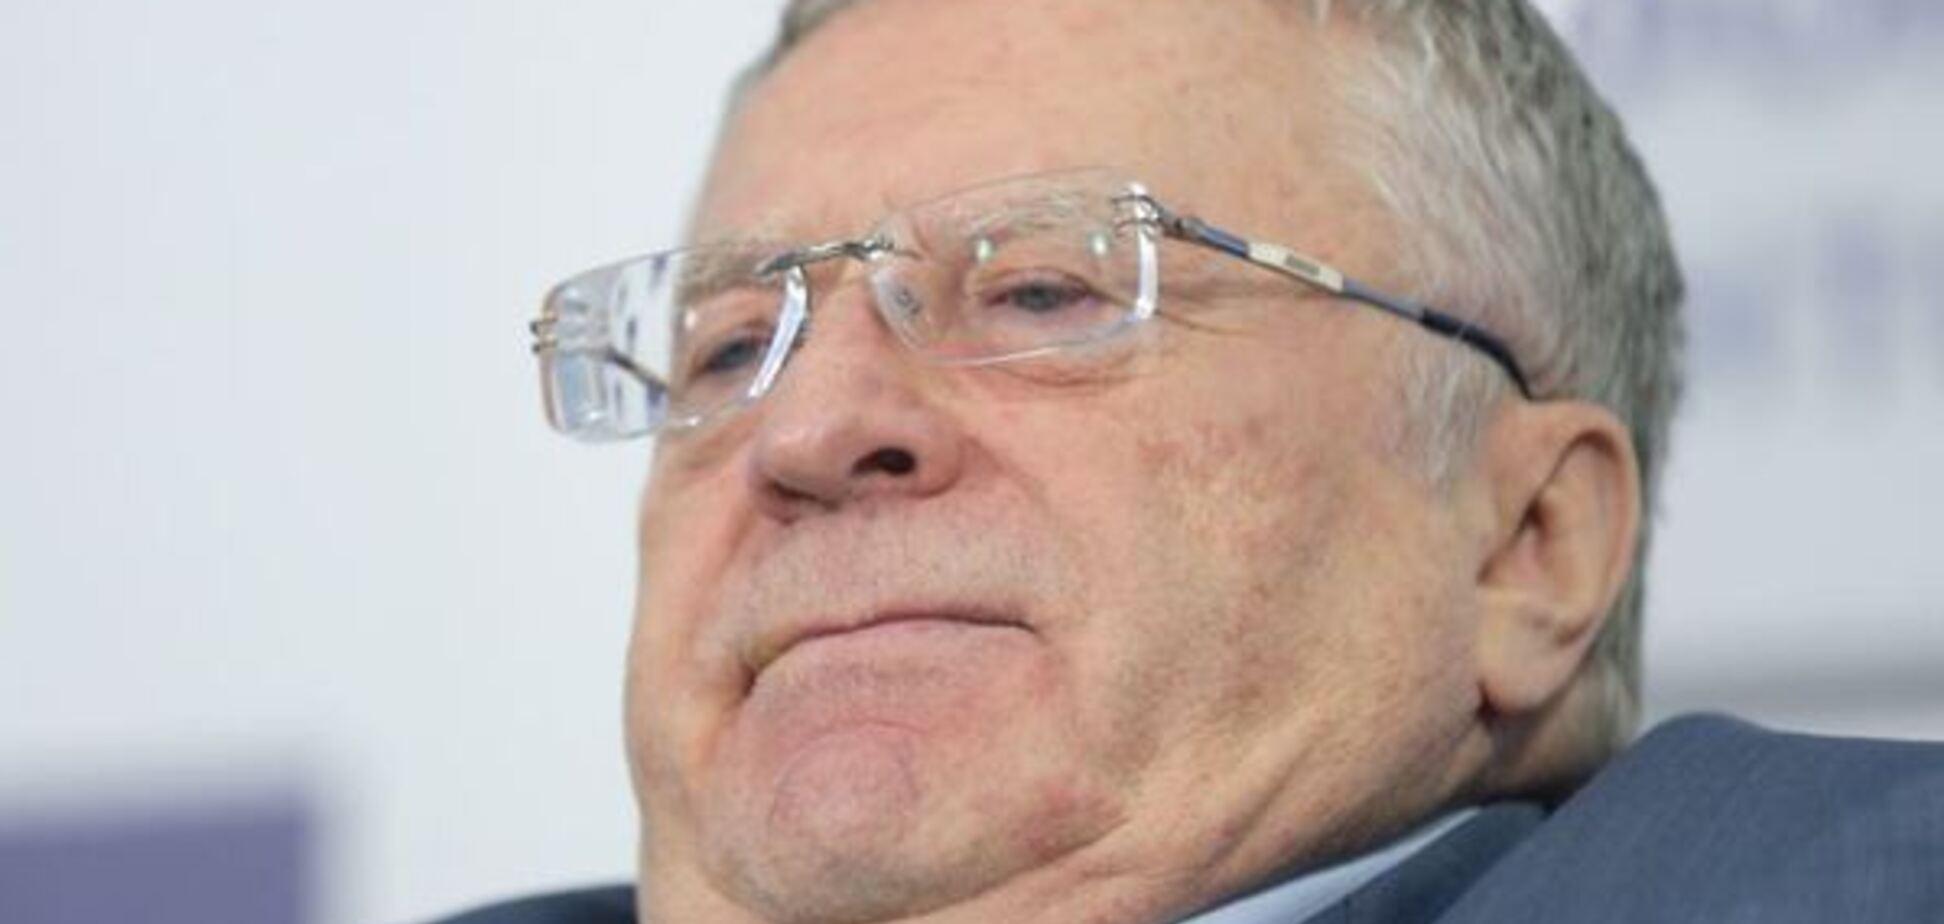 'Порождение советской власти!' Какими маразмами об Украине опозорился 74-летний Жириновский